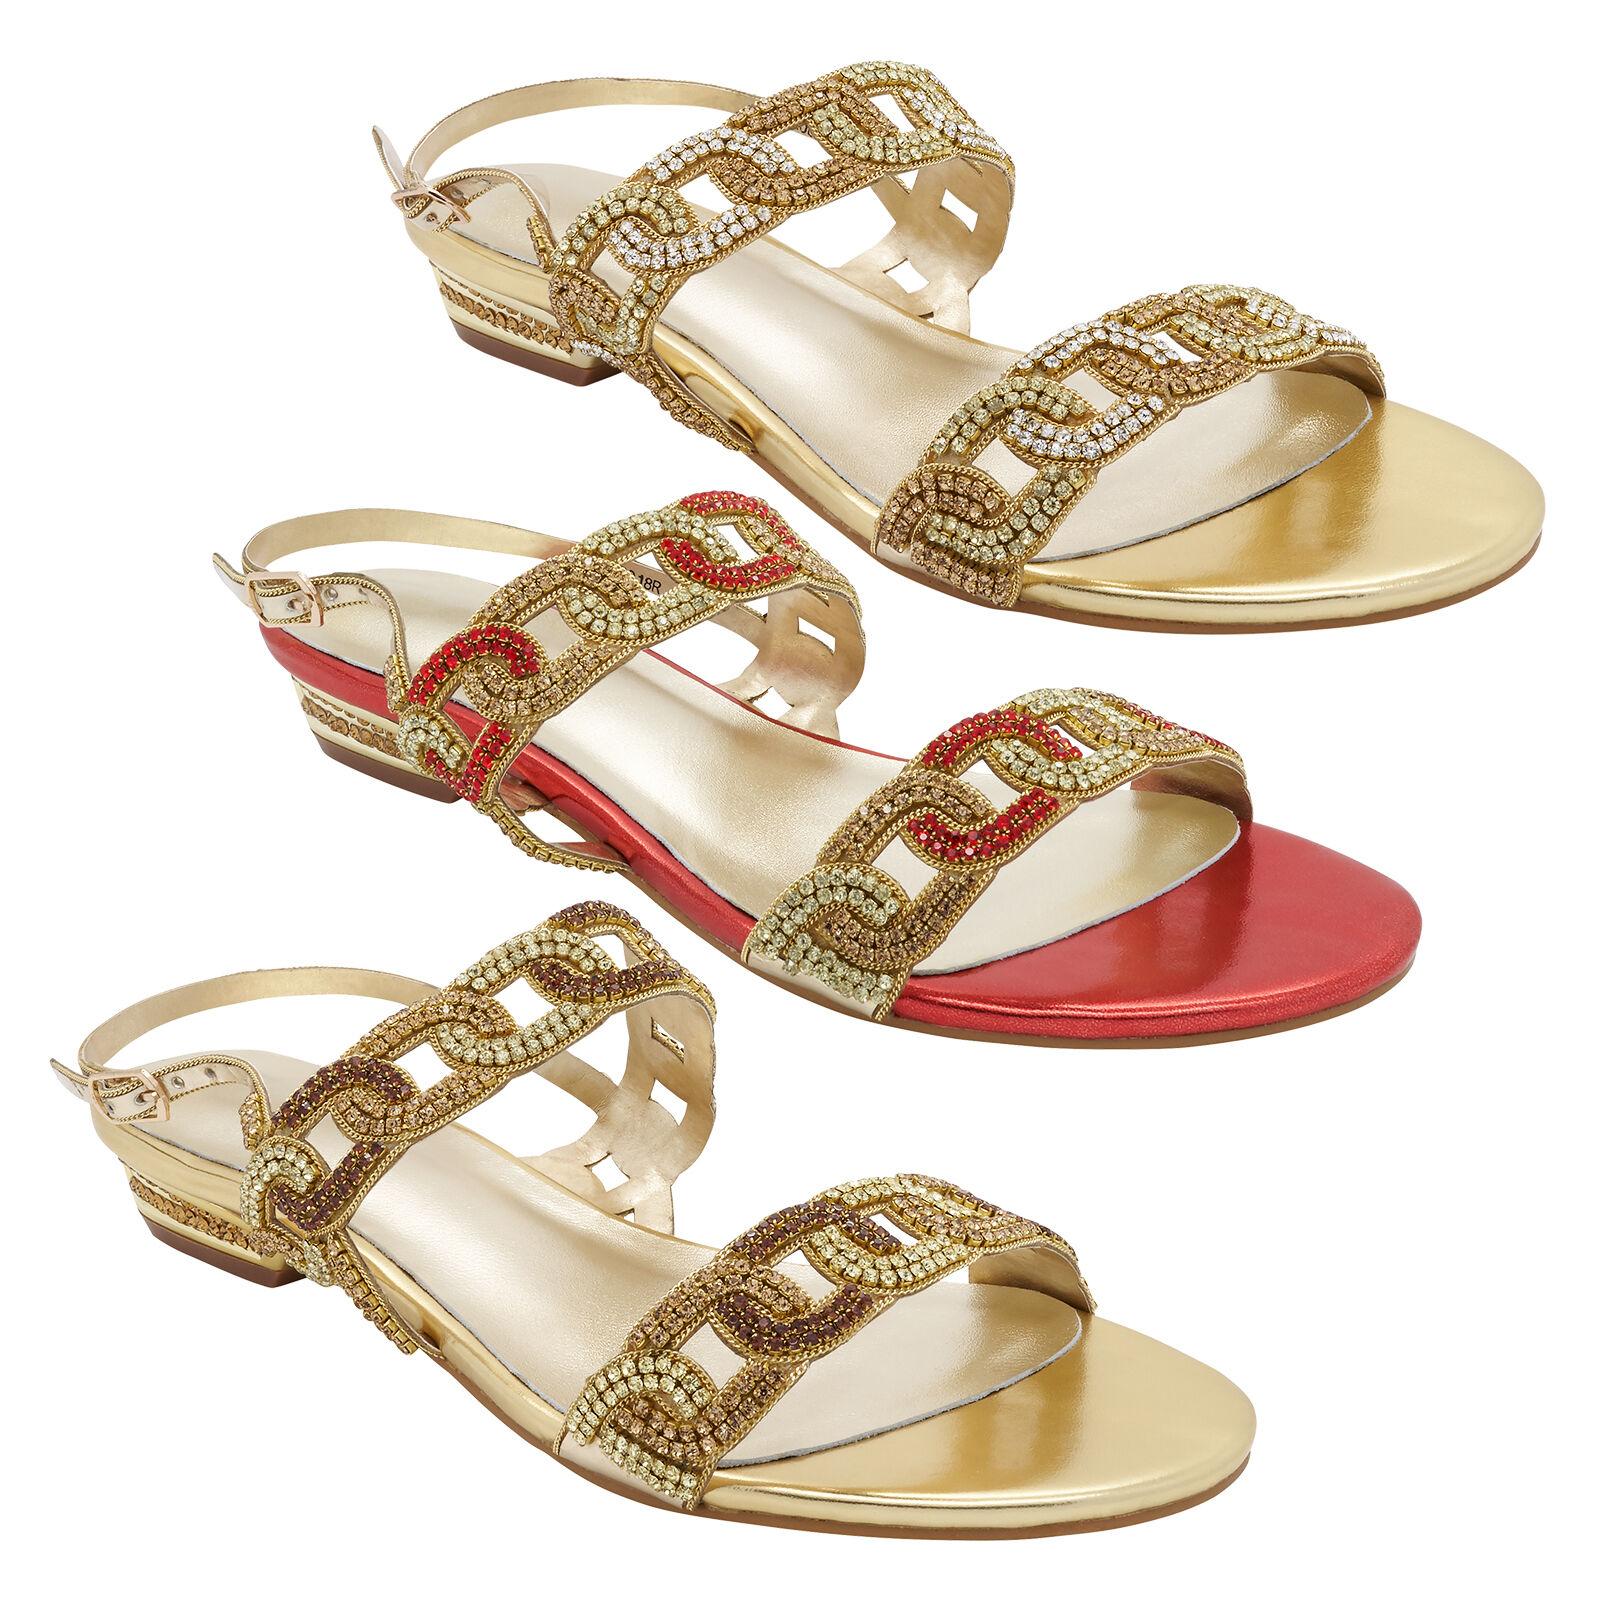 Para Mujer señoras Diamante Correa Joya Sandalia Zapato De Playa Verano Fiesta Boda nupcial